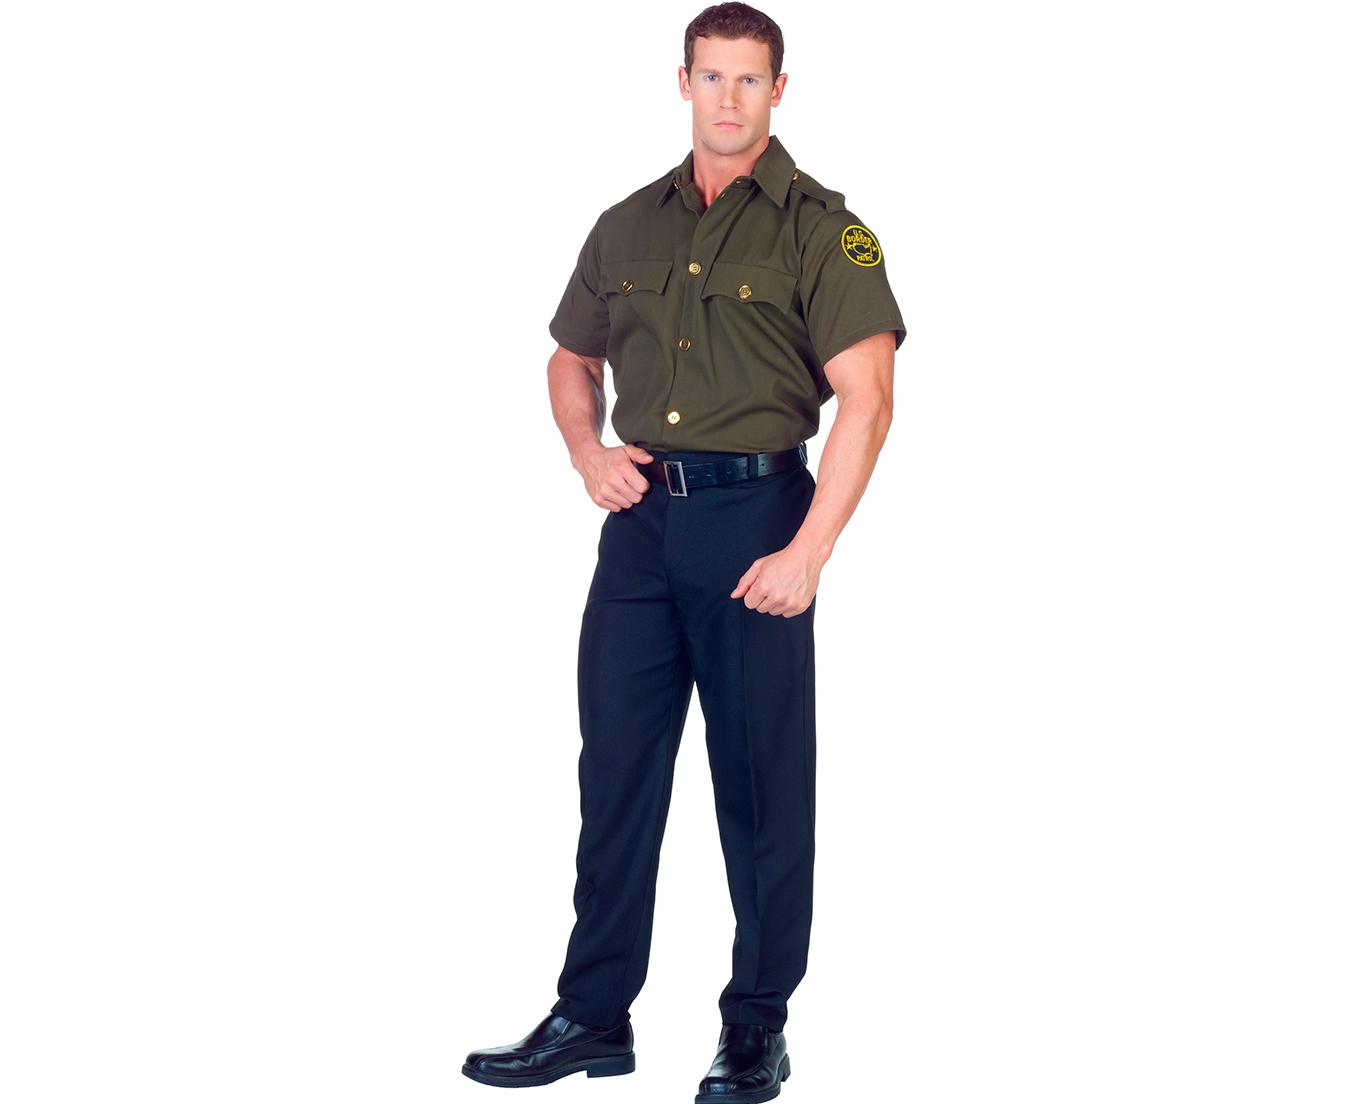 Falis Uniforme para policía 43bdeaeacf026